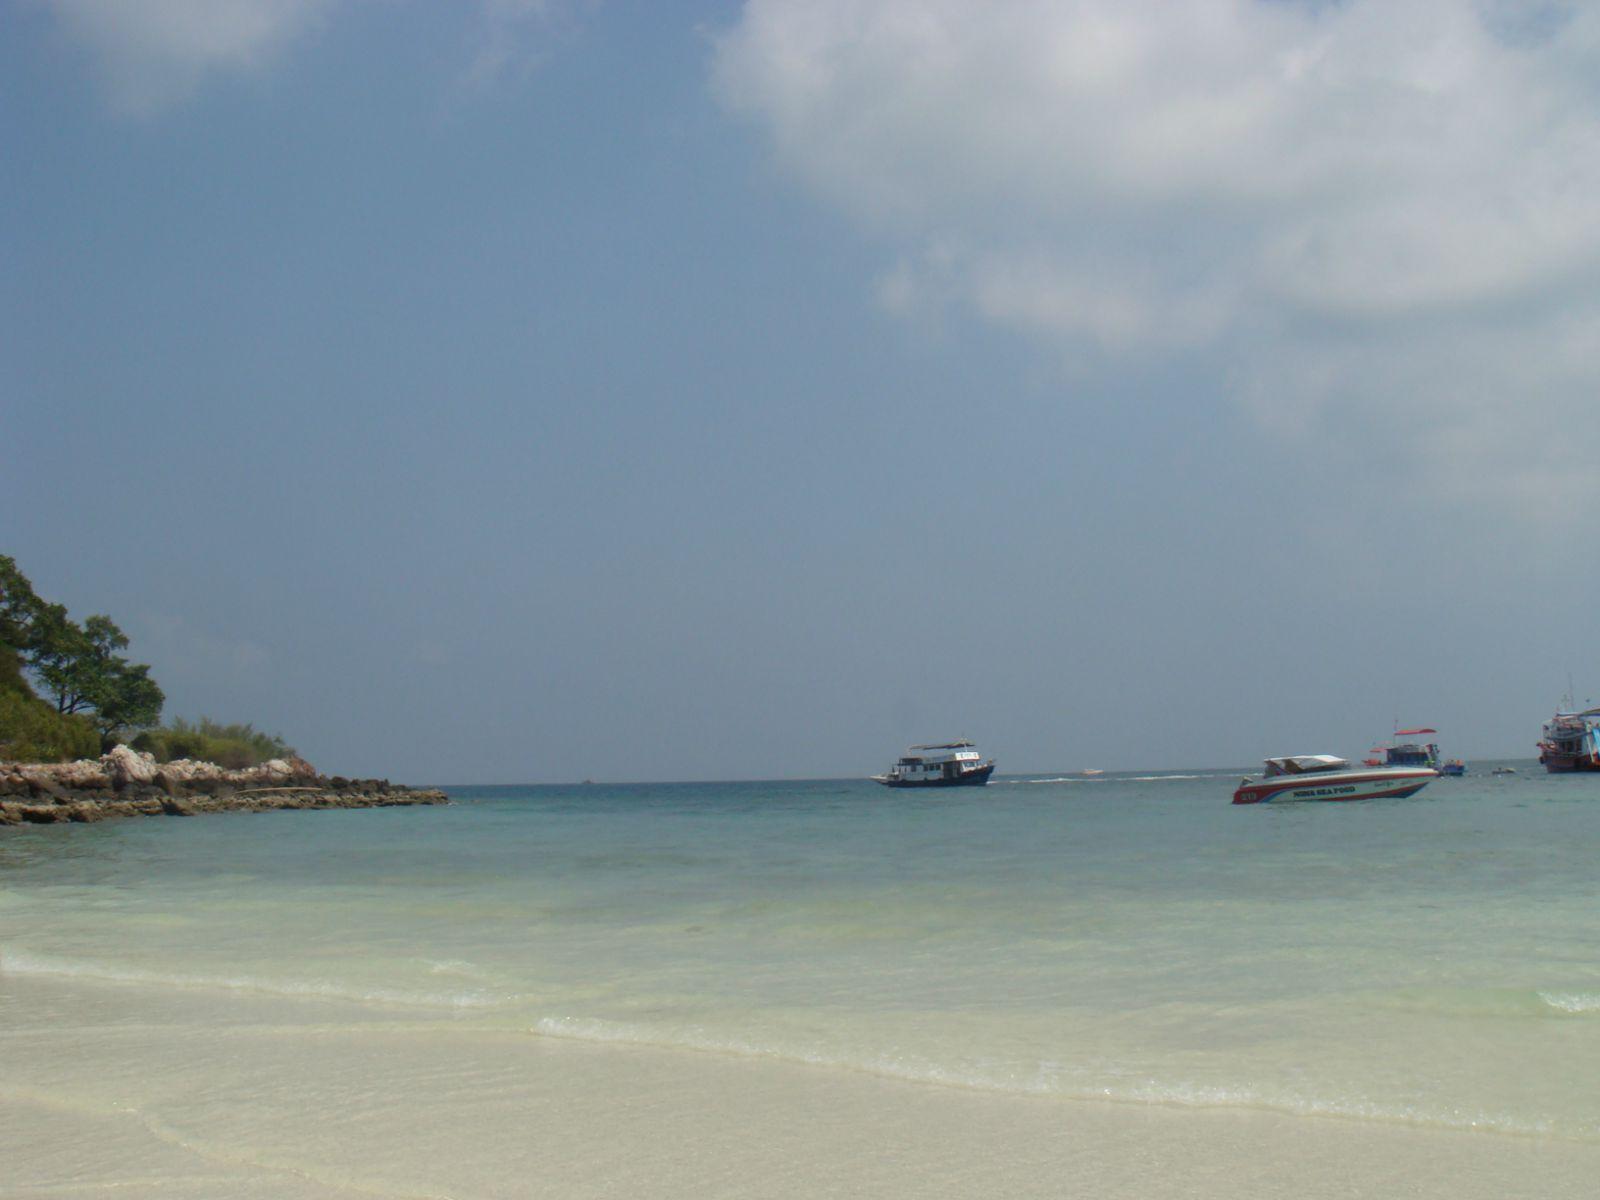 沙美岛是非常值得去的,海边度假的感觉.